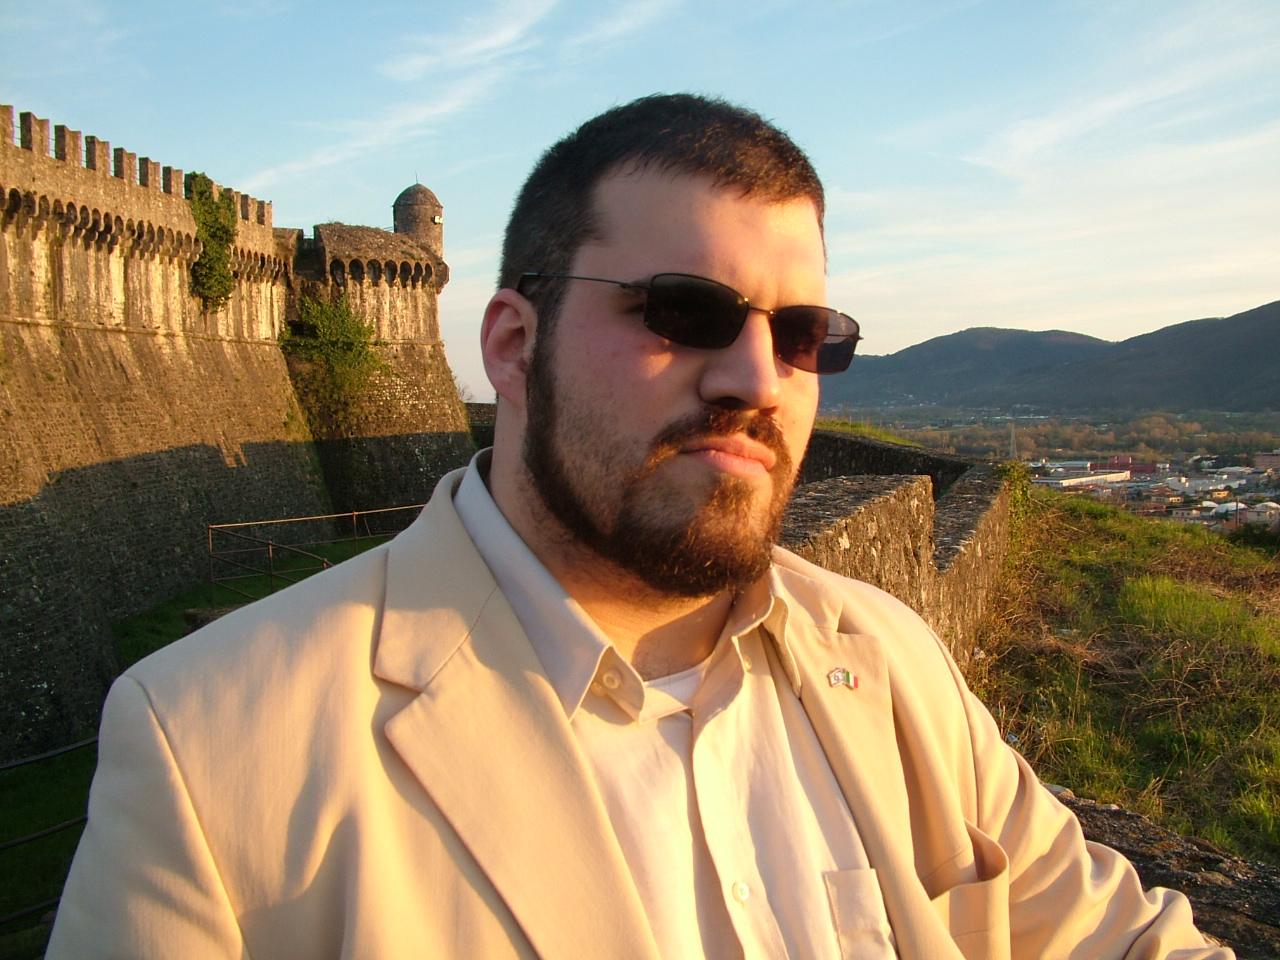 La trasmissione di Italia 1 Lucignolo chiama Rocco di Reset! sperando di trovare un organizzatore di raver illegali. Il resoconto di una telefonata surreale